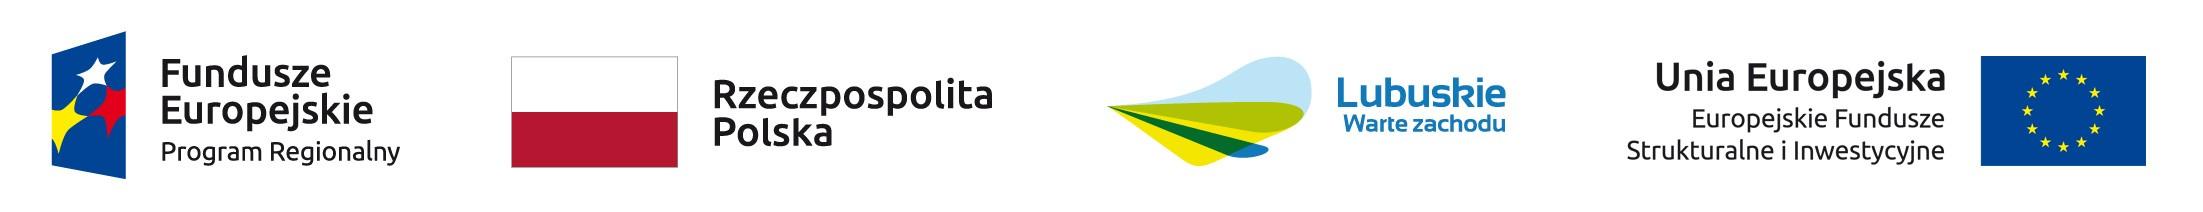 Ogłoszenie konkursu nr RPLB. 07.01.00-IZ.00-08-K03/21 w ramach Regionalnego Programu  Operacyjnego – Lubuskie 2020 Osi Priorytetowej 7 Równowaga społeczna Działania 7.1 Programy aktywnej  integracji realizowane przez ośrodki pomocy społecznej